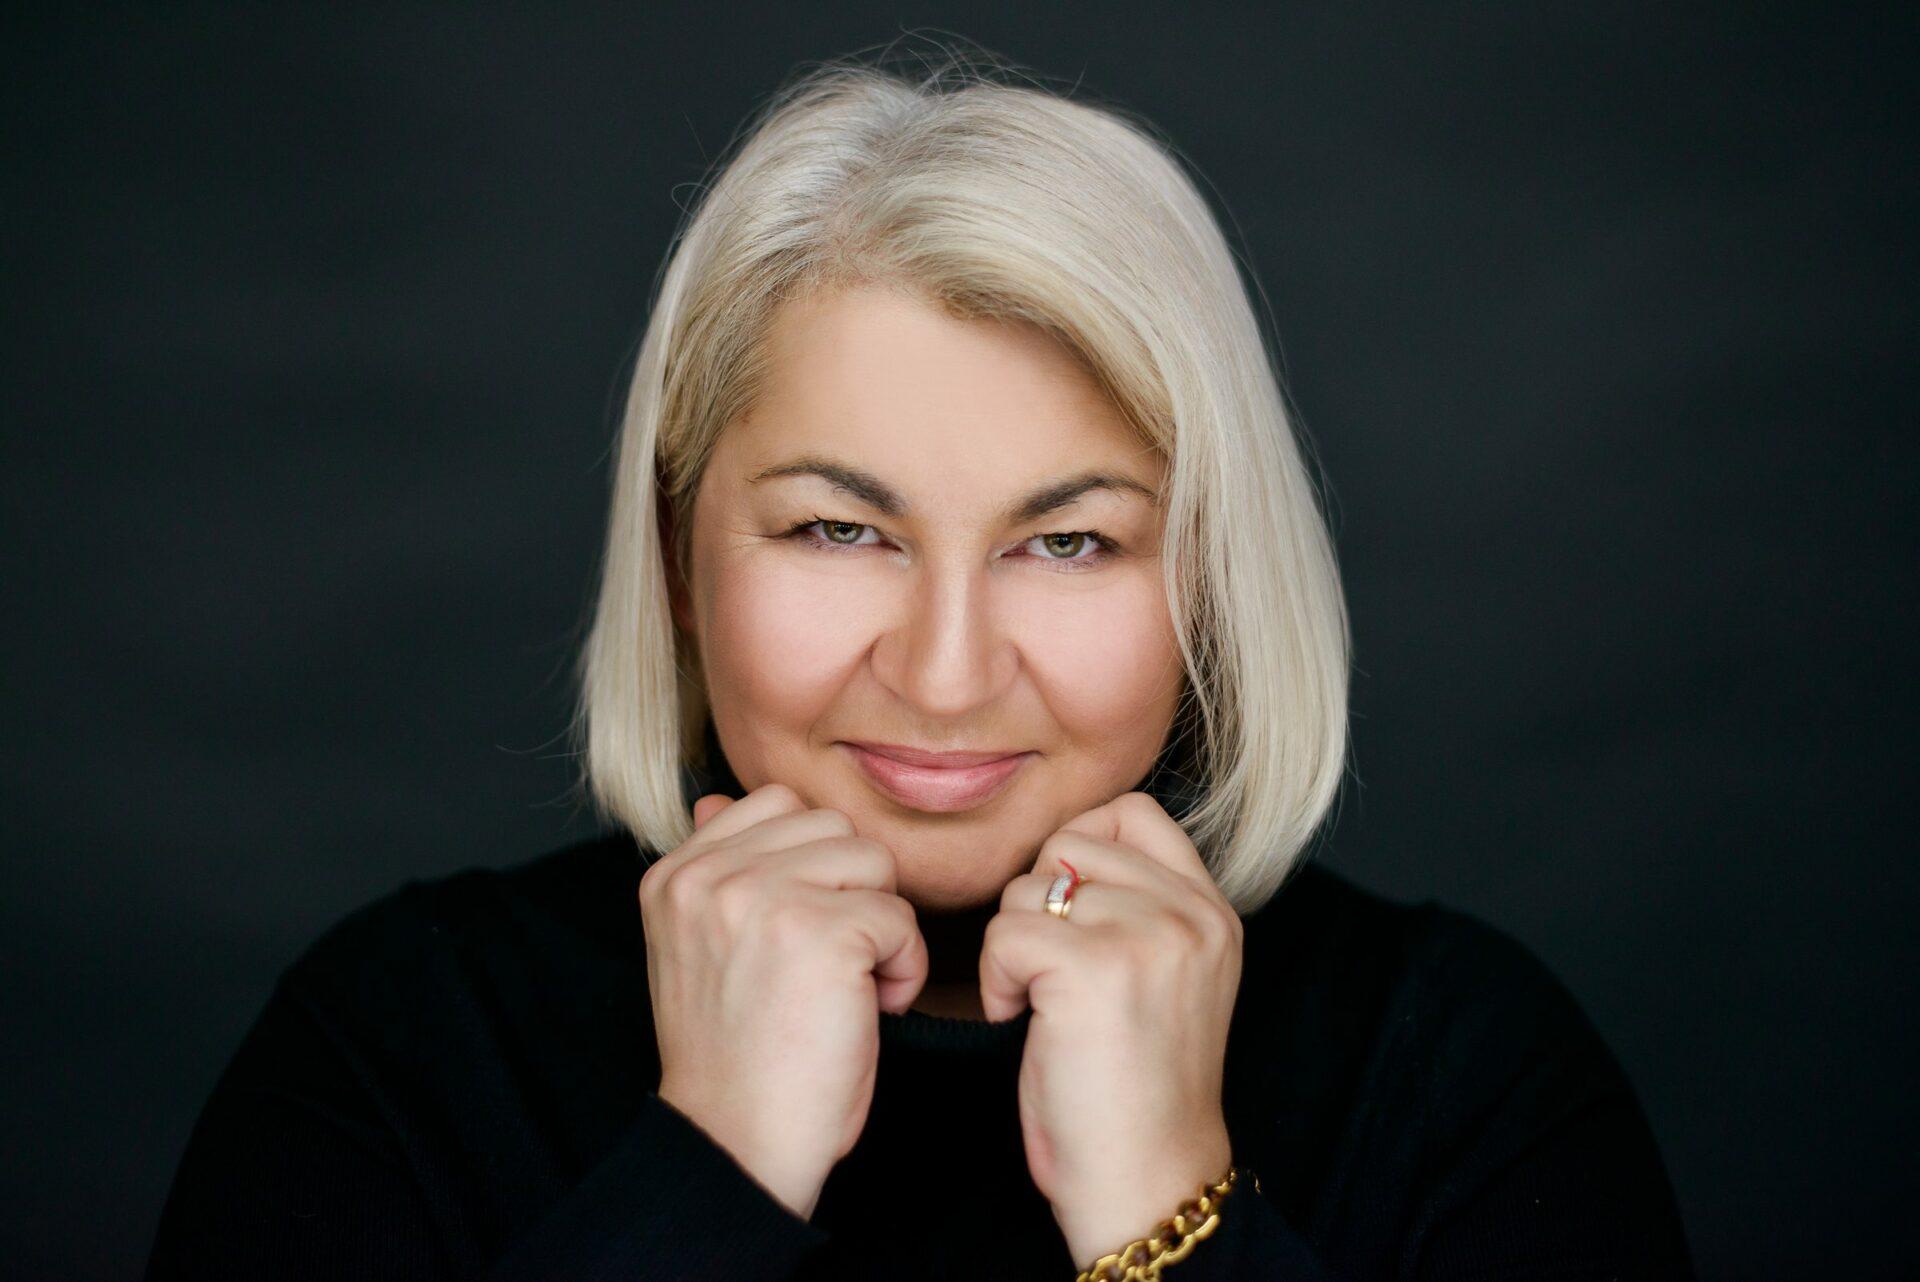 Beata Izabela Pilarek